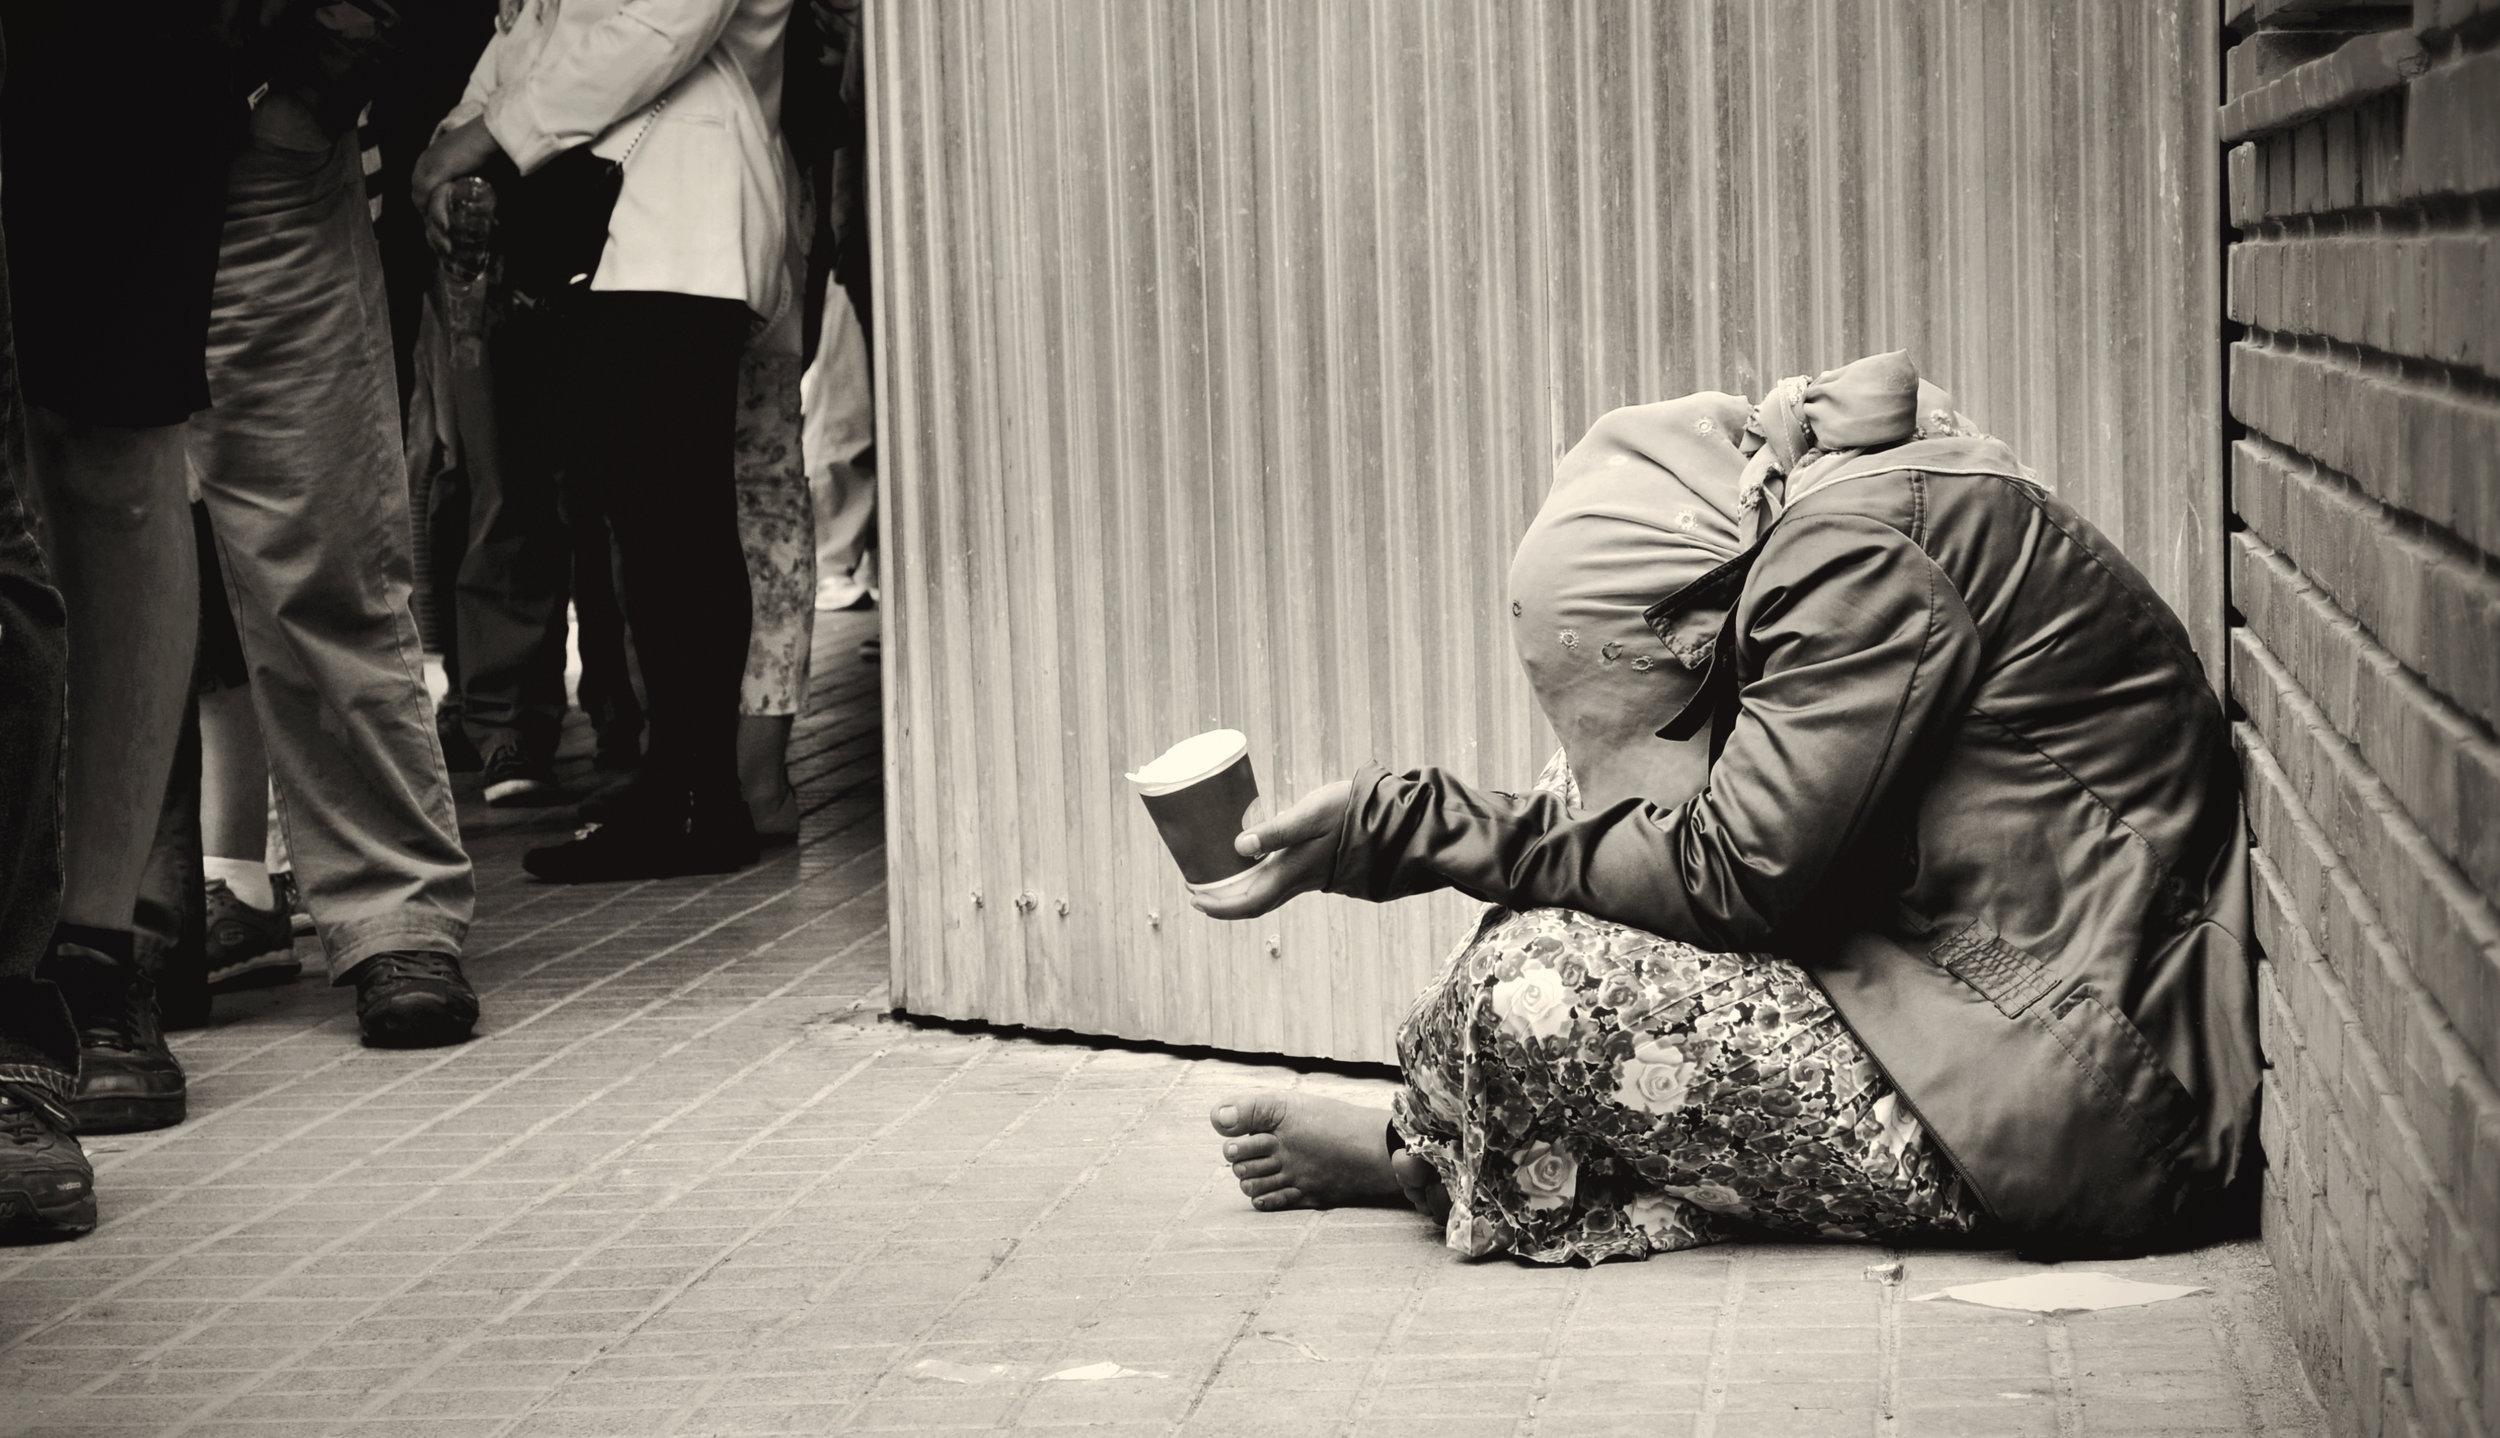 homeless-poverty-poor.jpg